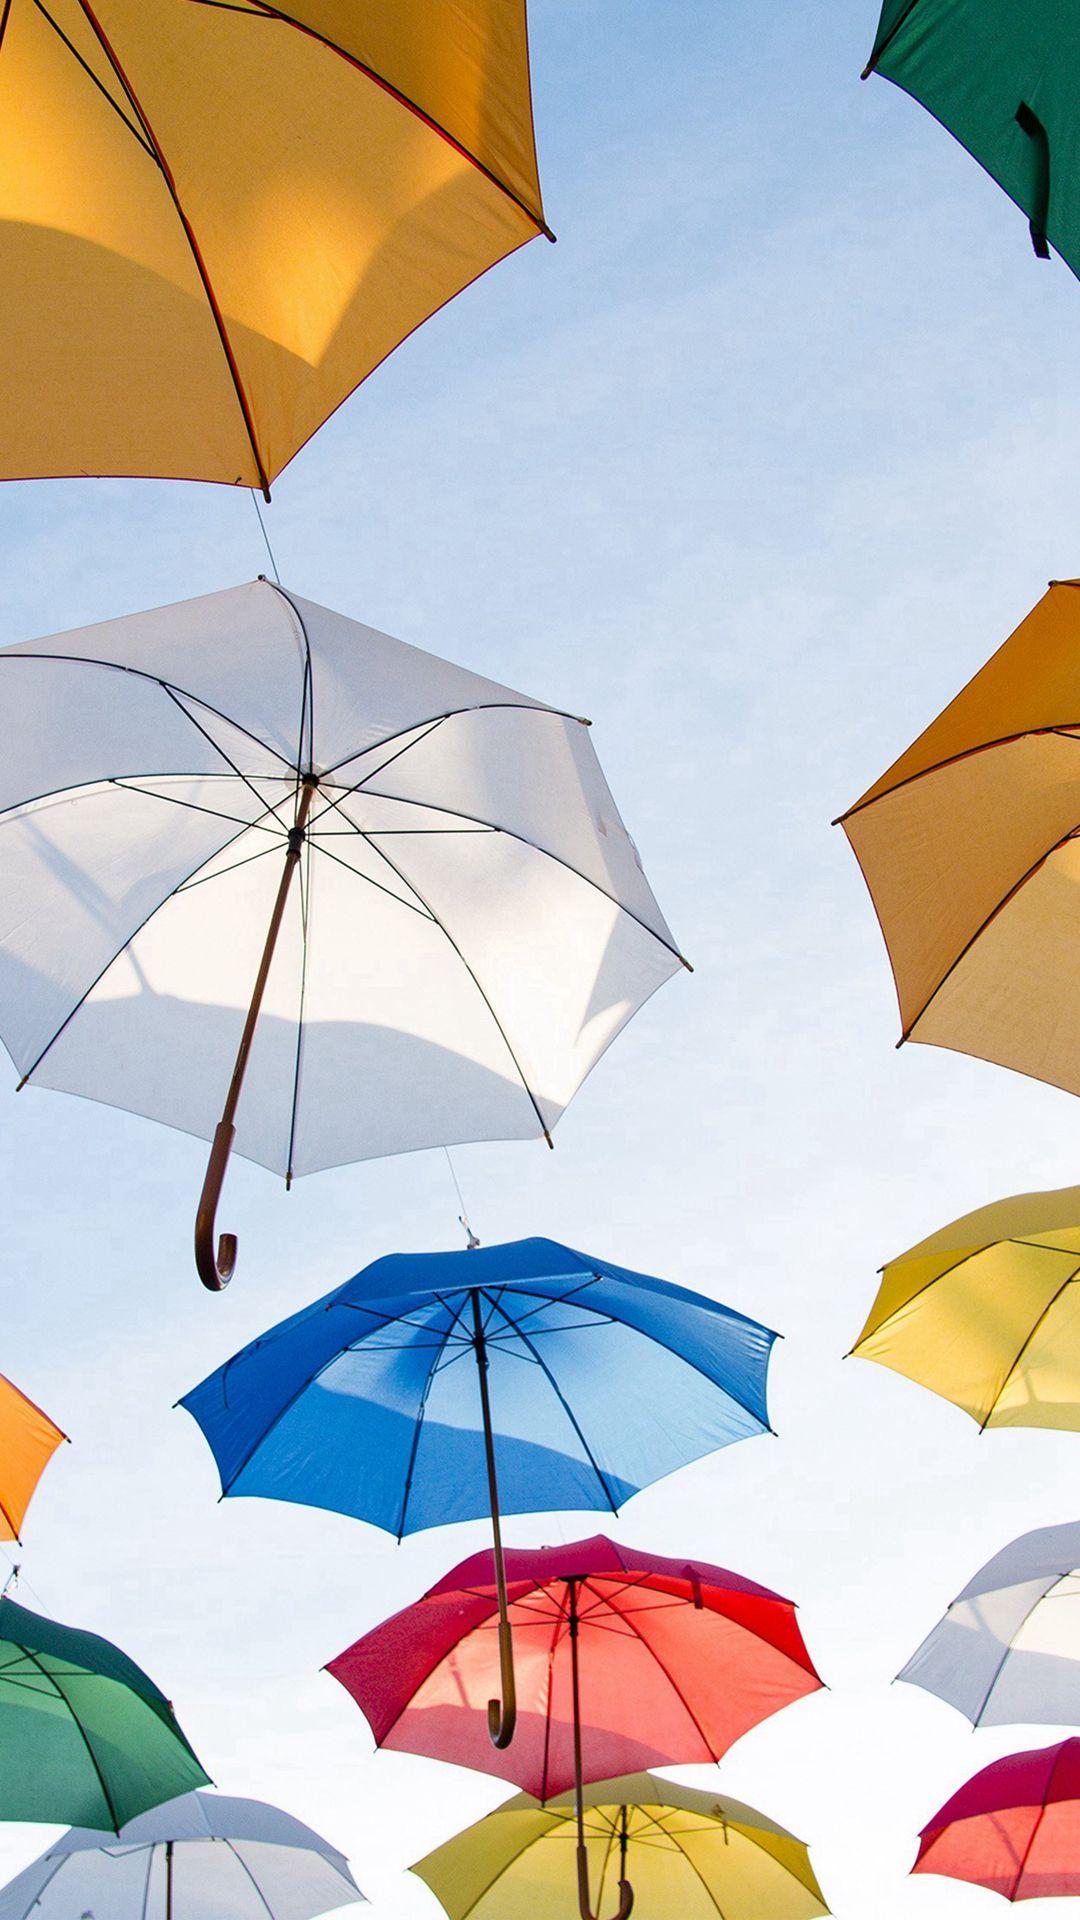 Wallpaper iphone umbrella - Umbrella Rainbow Color Art Iphone 6 Wallpaper